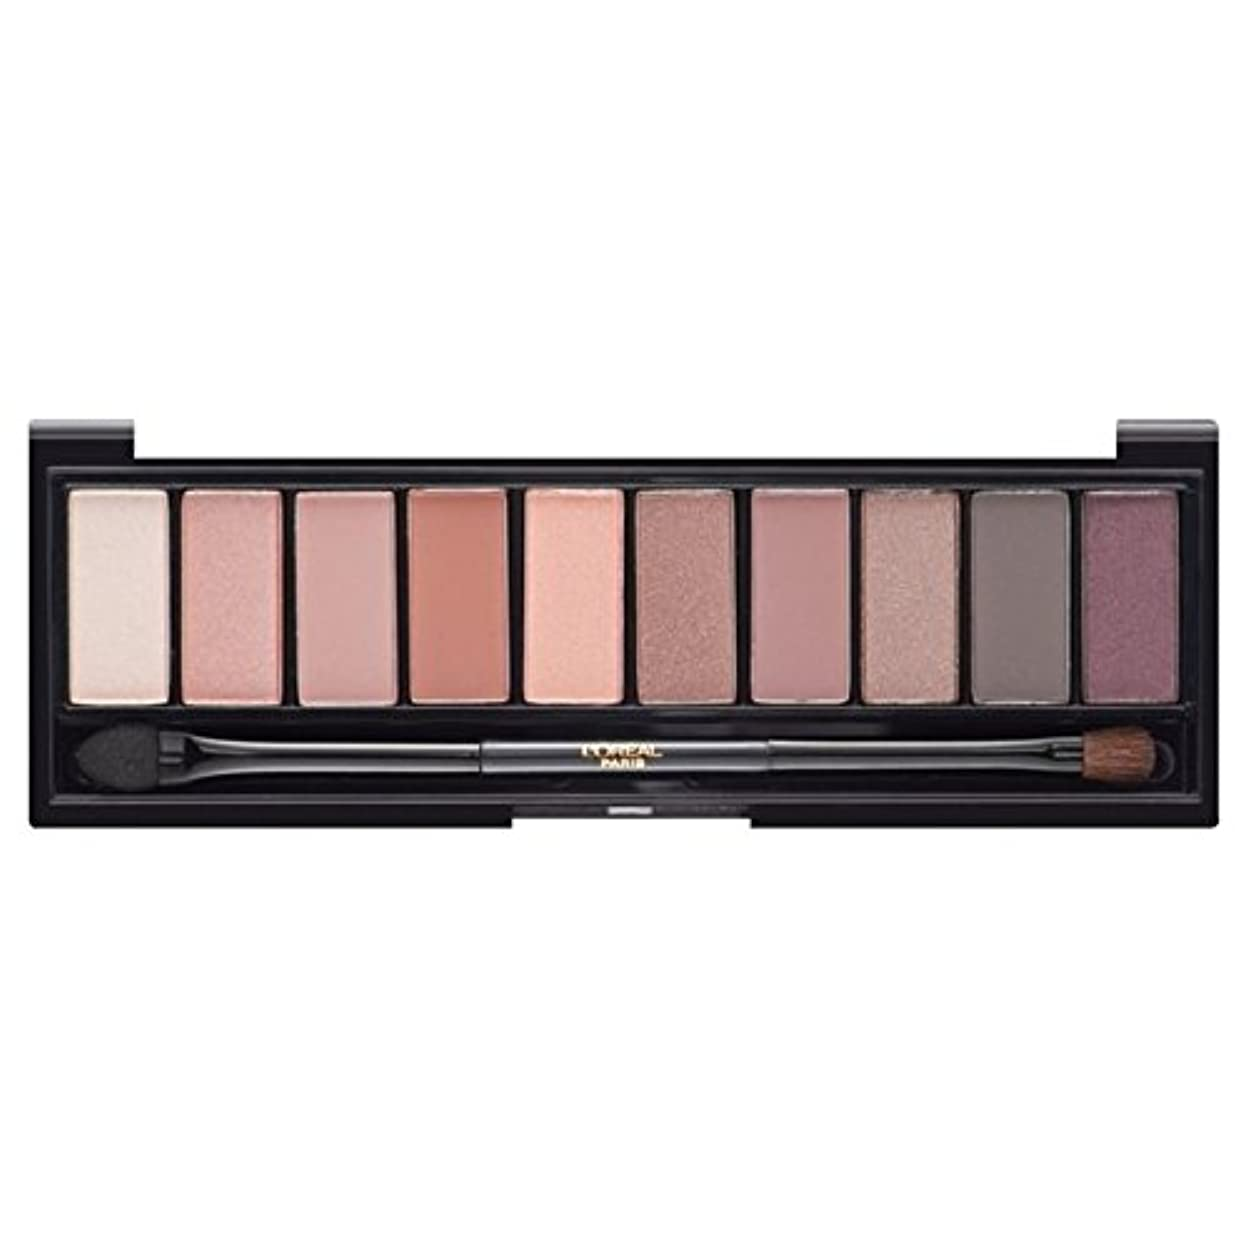 古代与える偽物ロレアルパリカラーリッシュ?ラ?パレットのアイシャドウ、ヌードバラ x2 - L'Oreal Paris Color Riche La Palette Eyeshadow, Nude Rose (Pack of 2) [並行輸入品]